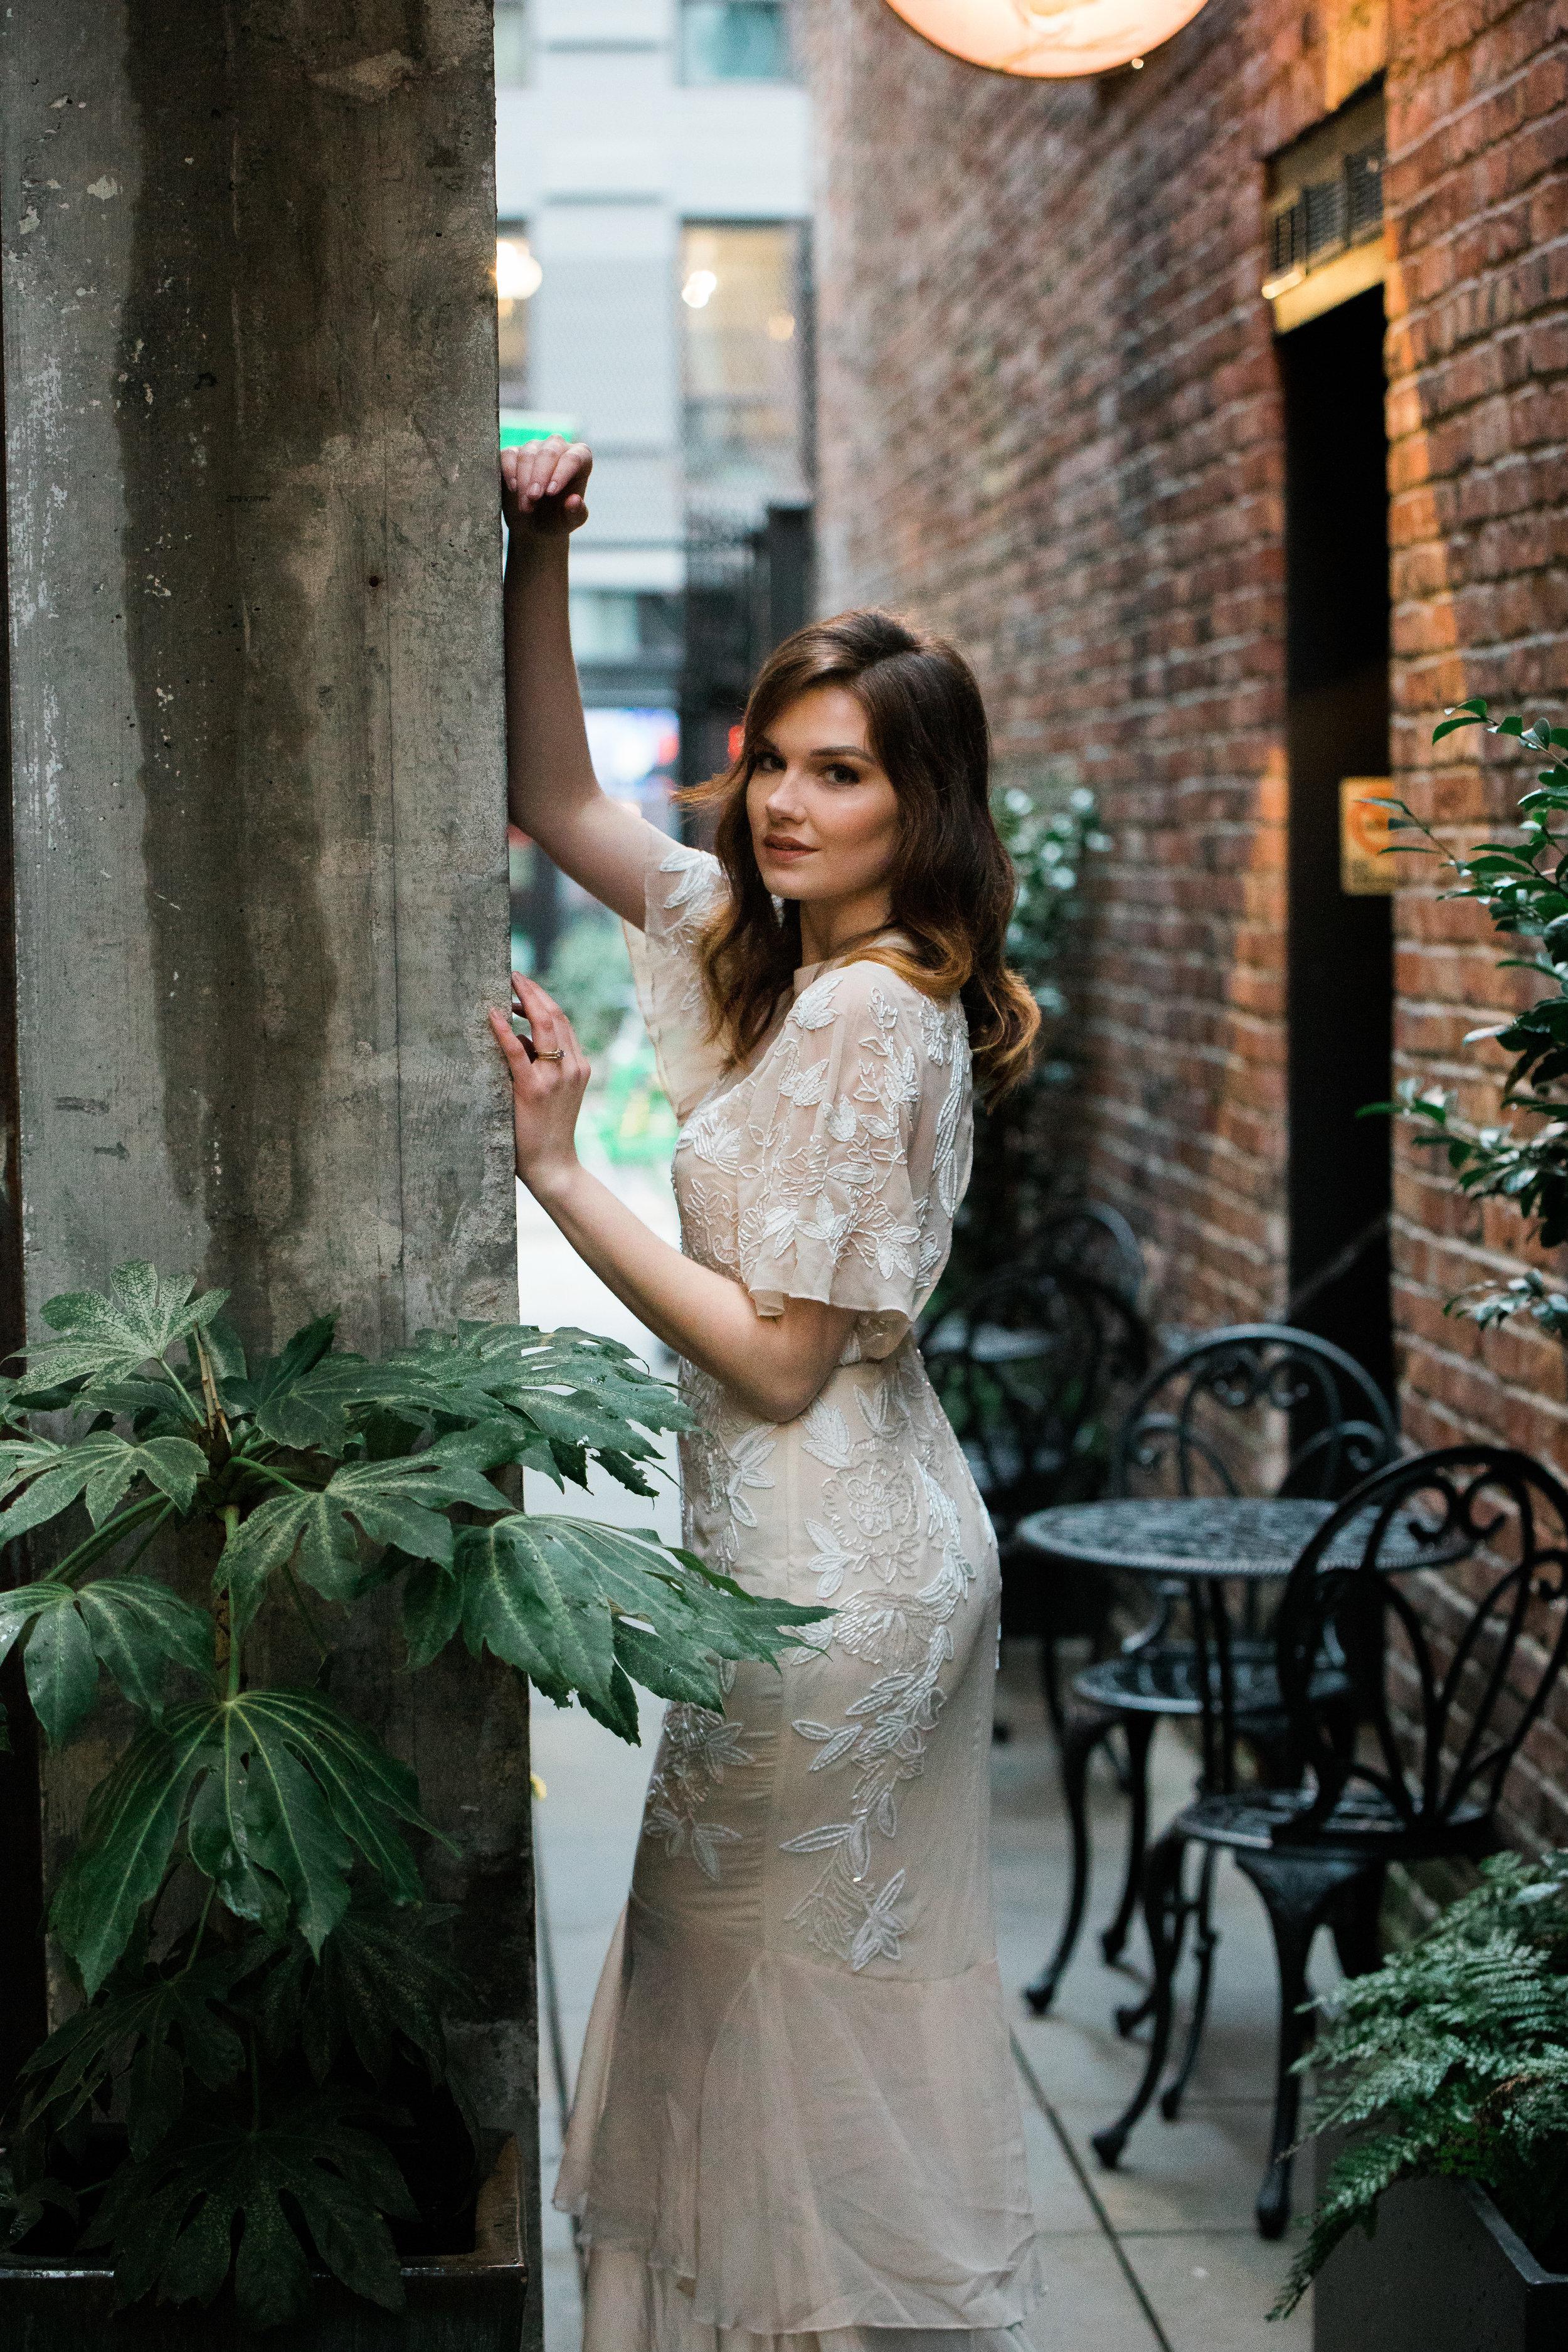 Styled-Bridal-Session-Seattle-Washington-Tara-Nichole-Photo-23.jpg